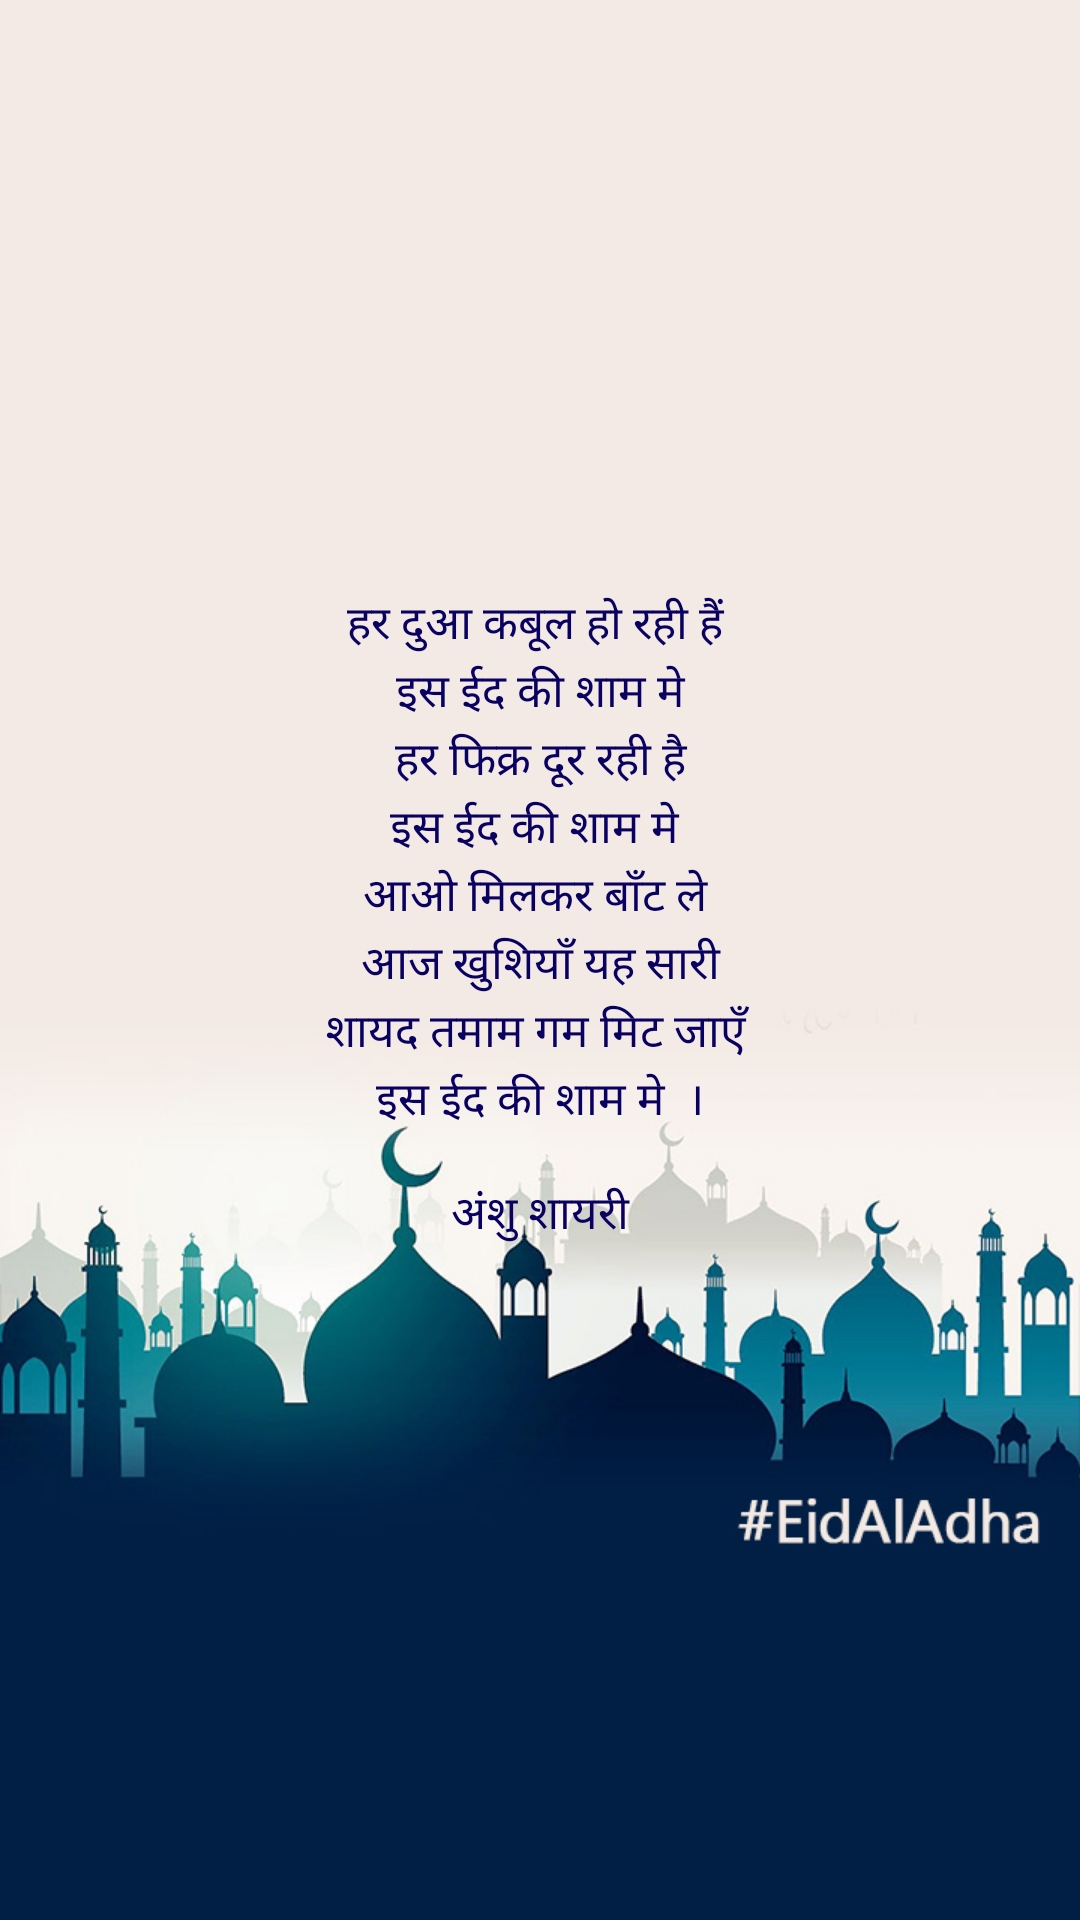 हर दुआ कबूल हो रही हैं  इस ईद की शाम मे हर फिक्र दूर रही है इस ईद की शाम मे  आओ मिलकर बाँट ले  आज खुशियाँ यह सारी शायद तमाम गम मिट जाएँ  इस ईद की शाम मे  ।  अंशु शायरी